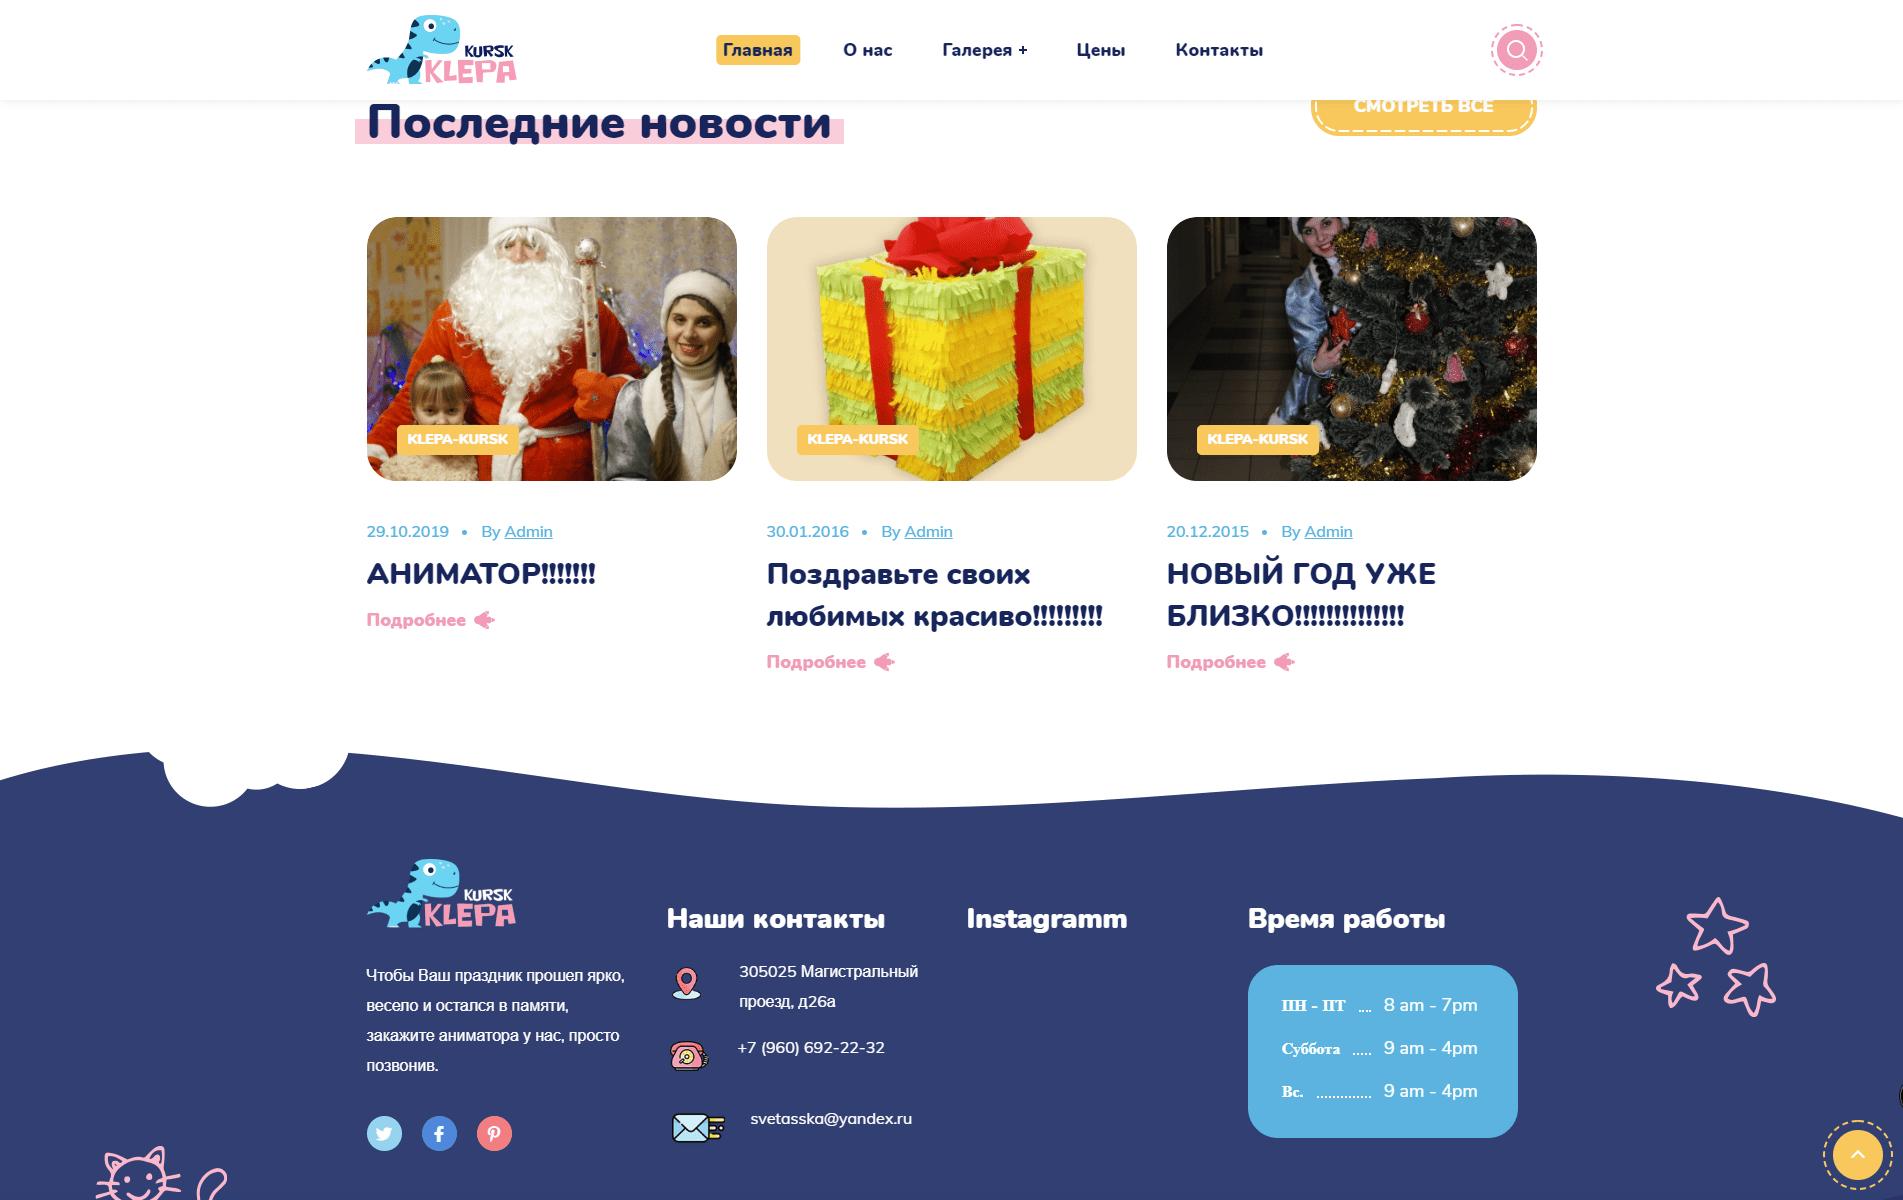 klepa-kursk.ru